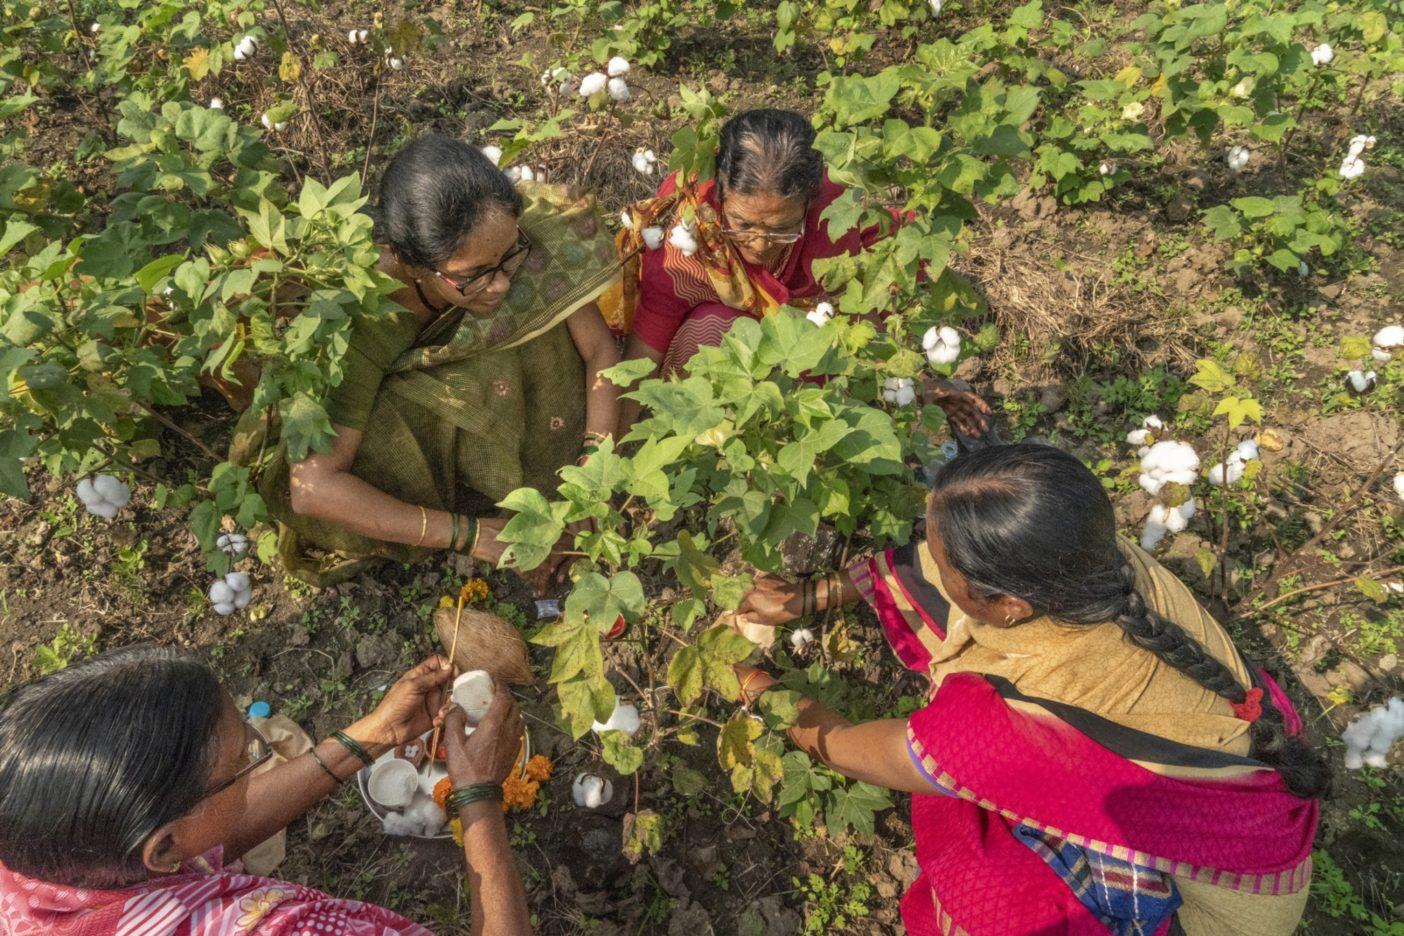 リジェネラティブ・オーガニック認証・パイロットの一端として作物 を育てる150件以上のインドの農場 のひとつで、綿の木を点検する女性 たち。この認証を通して、農家は 生産するコットンに対する賞与を 受けている。Photo:Avani Rai